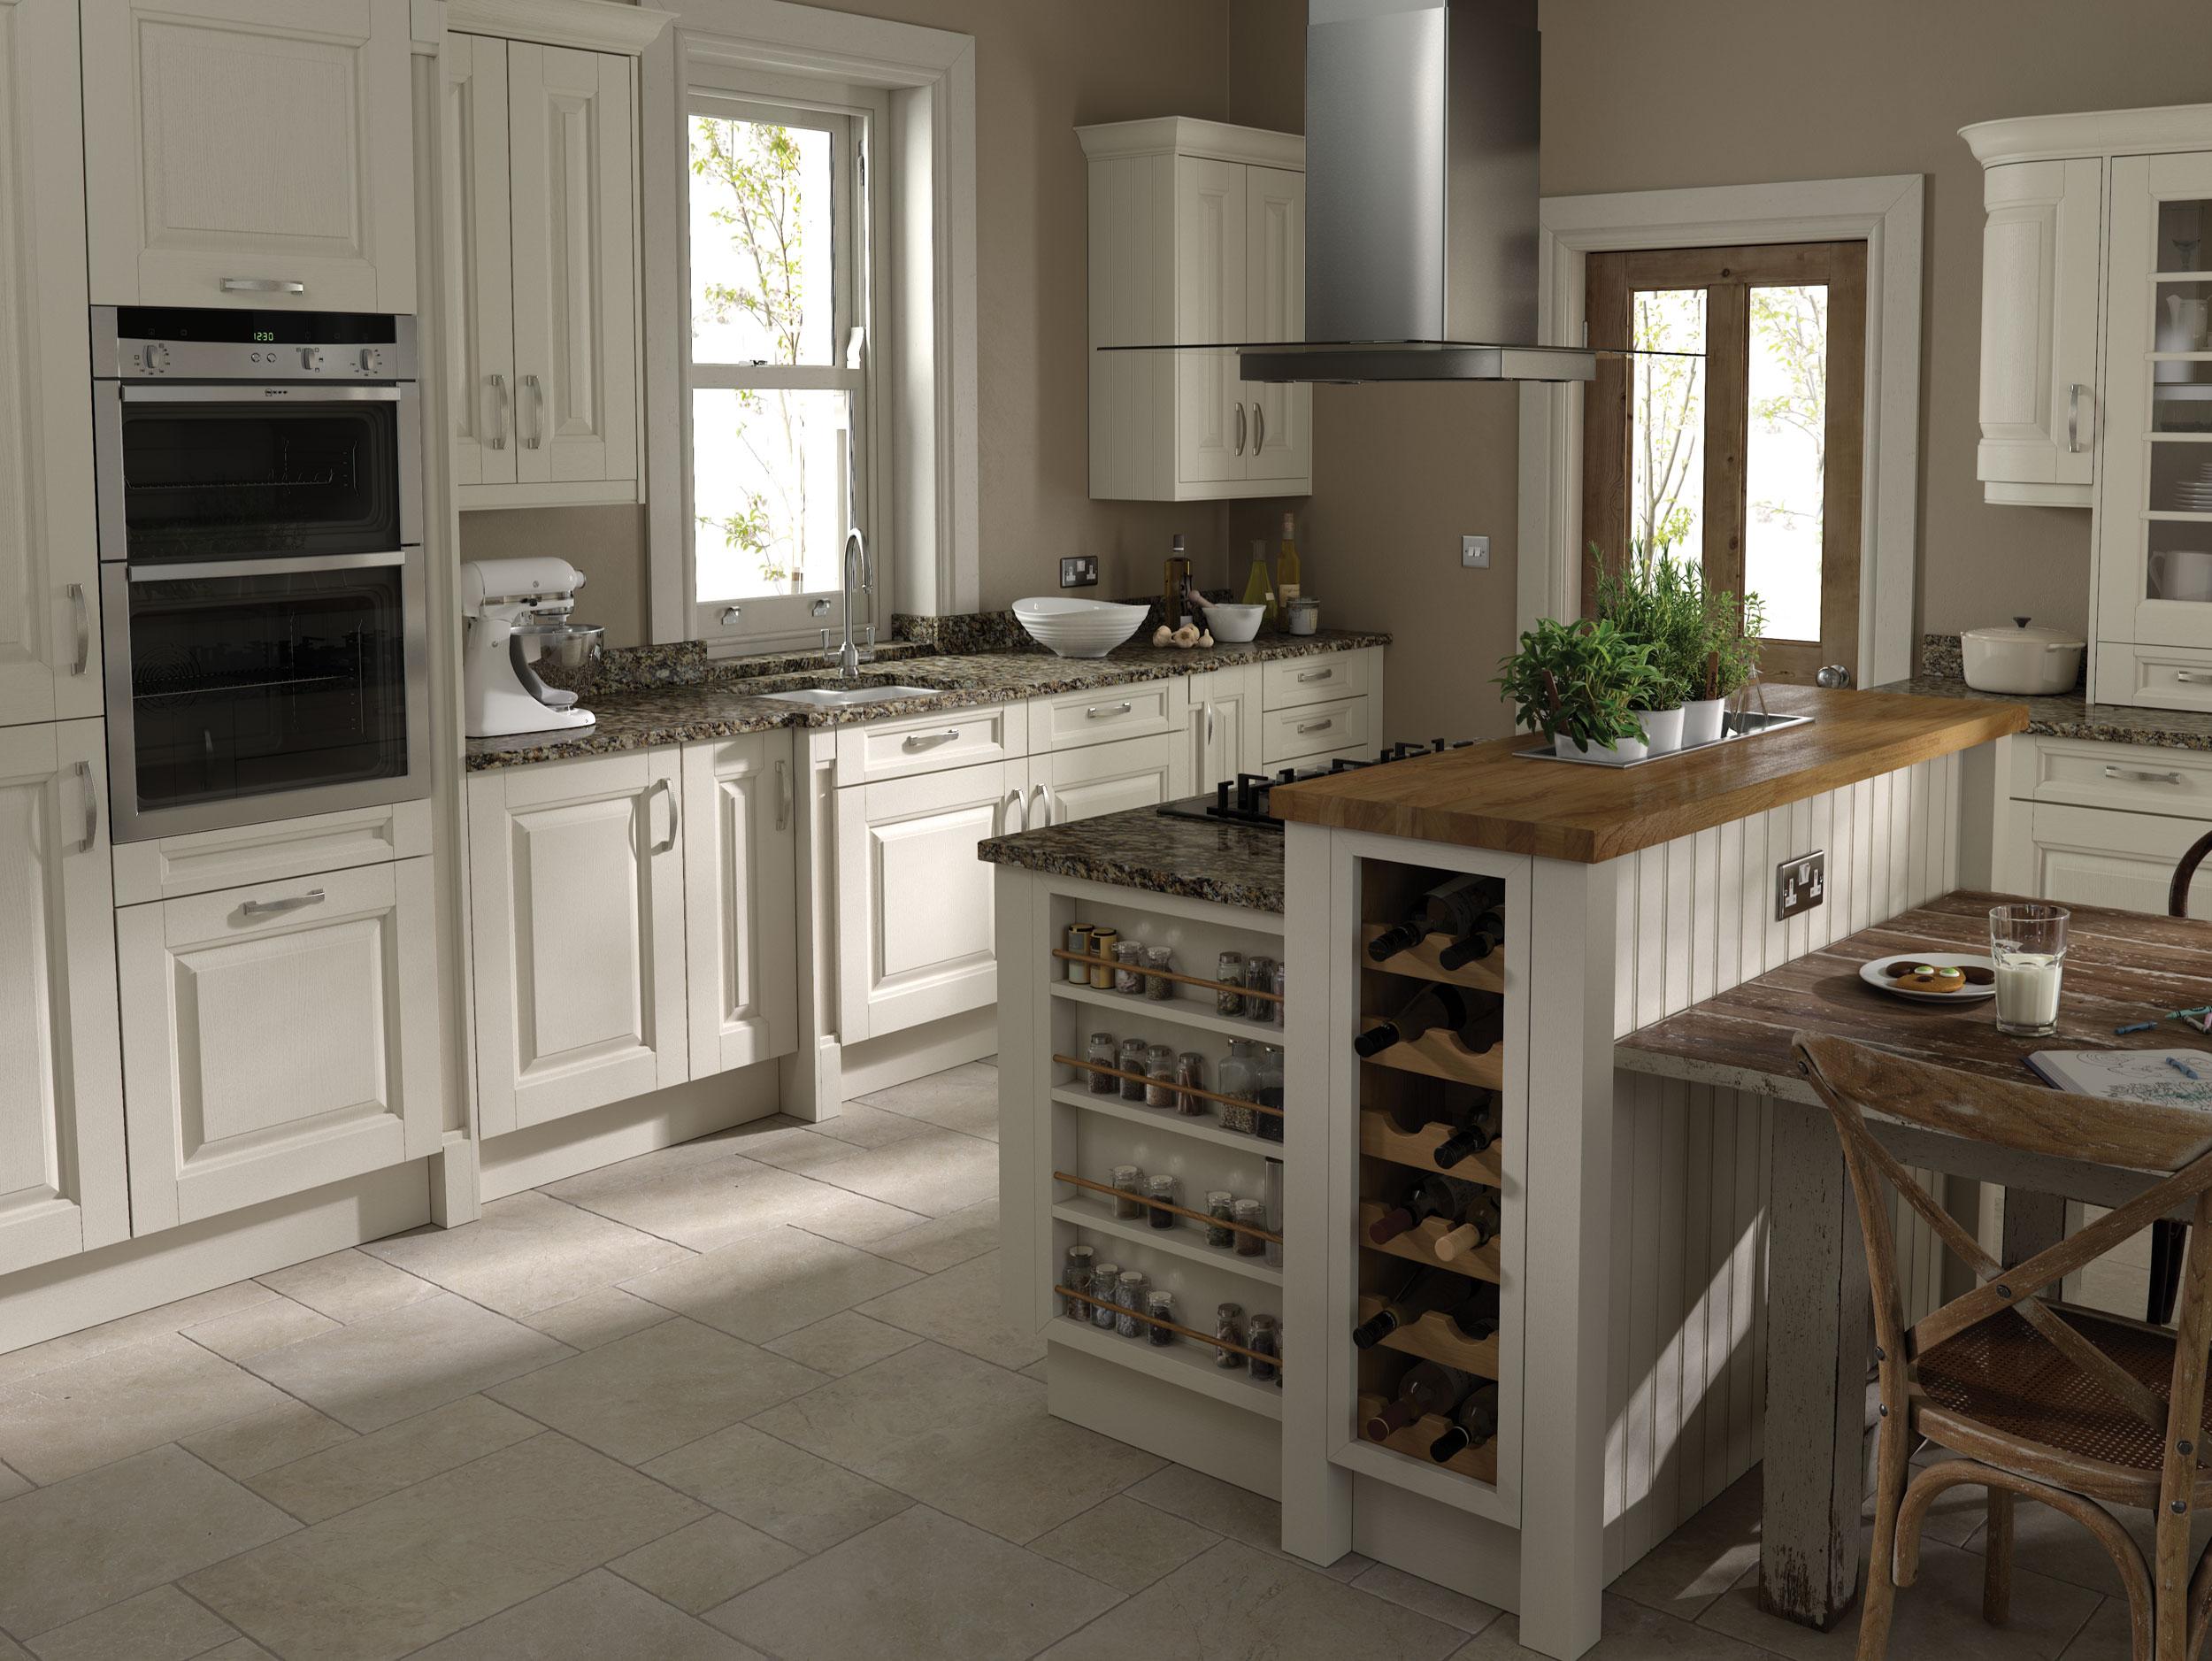 cuisine-remodeler-belle-classique-amande-cuisine-idees-de-conception-avec-cool-meuble-organisateur-aussi-rustique-table-de-poker-en bois-et-simples-appareils-de-cuisine-modernes-pour-le-meilleur- idées-de-conception-de-cuisine-aweso